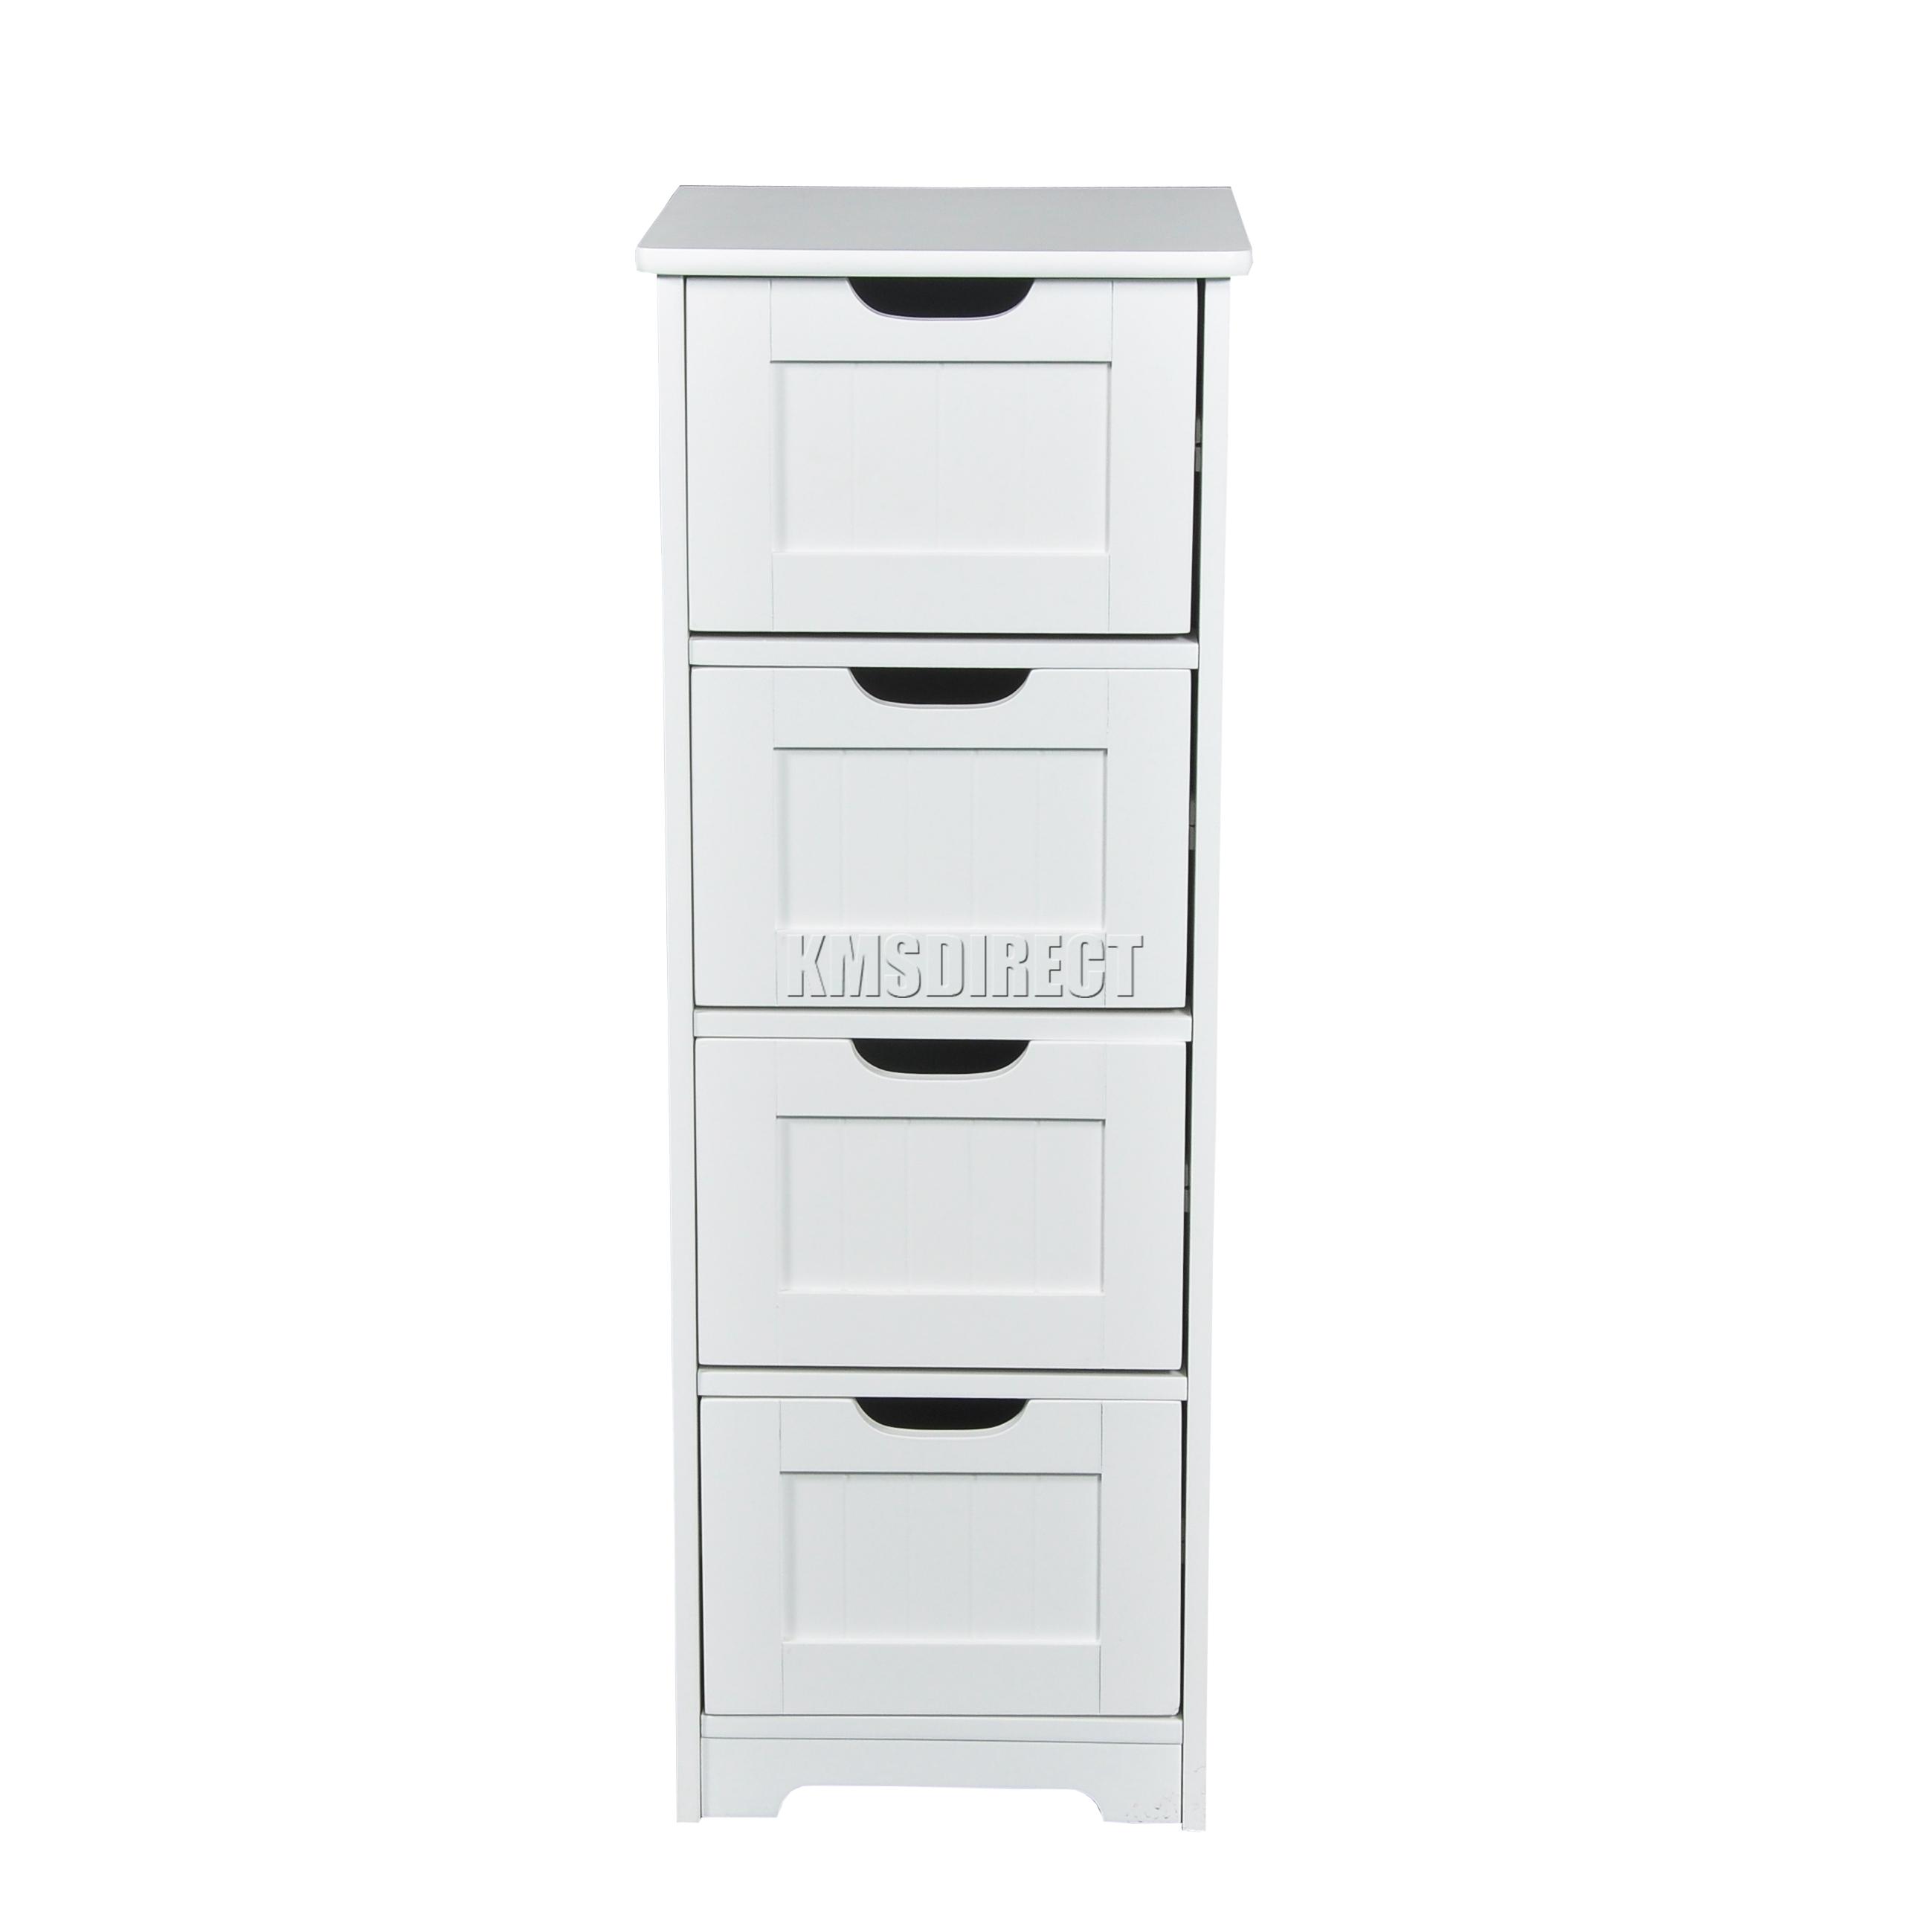 Foxhunter White Wooden 4 Drawer Bathroom Storage Cupboard Cabinet Organizer Unit